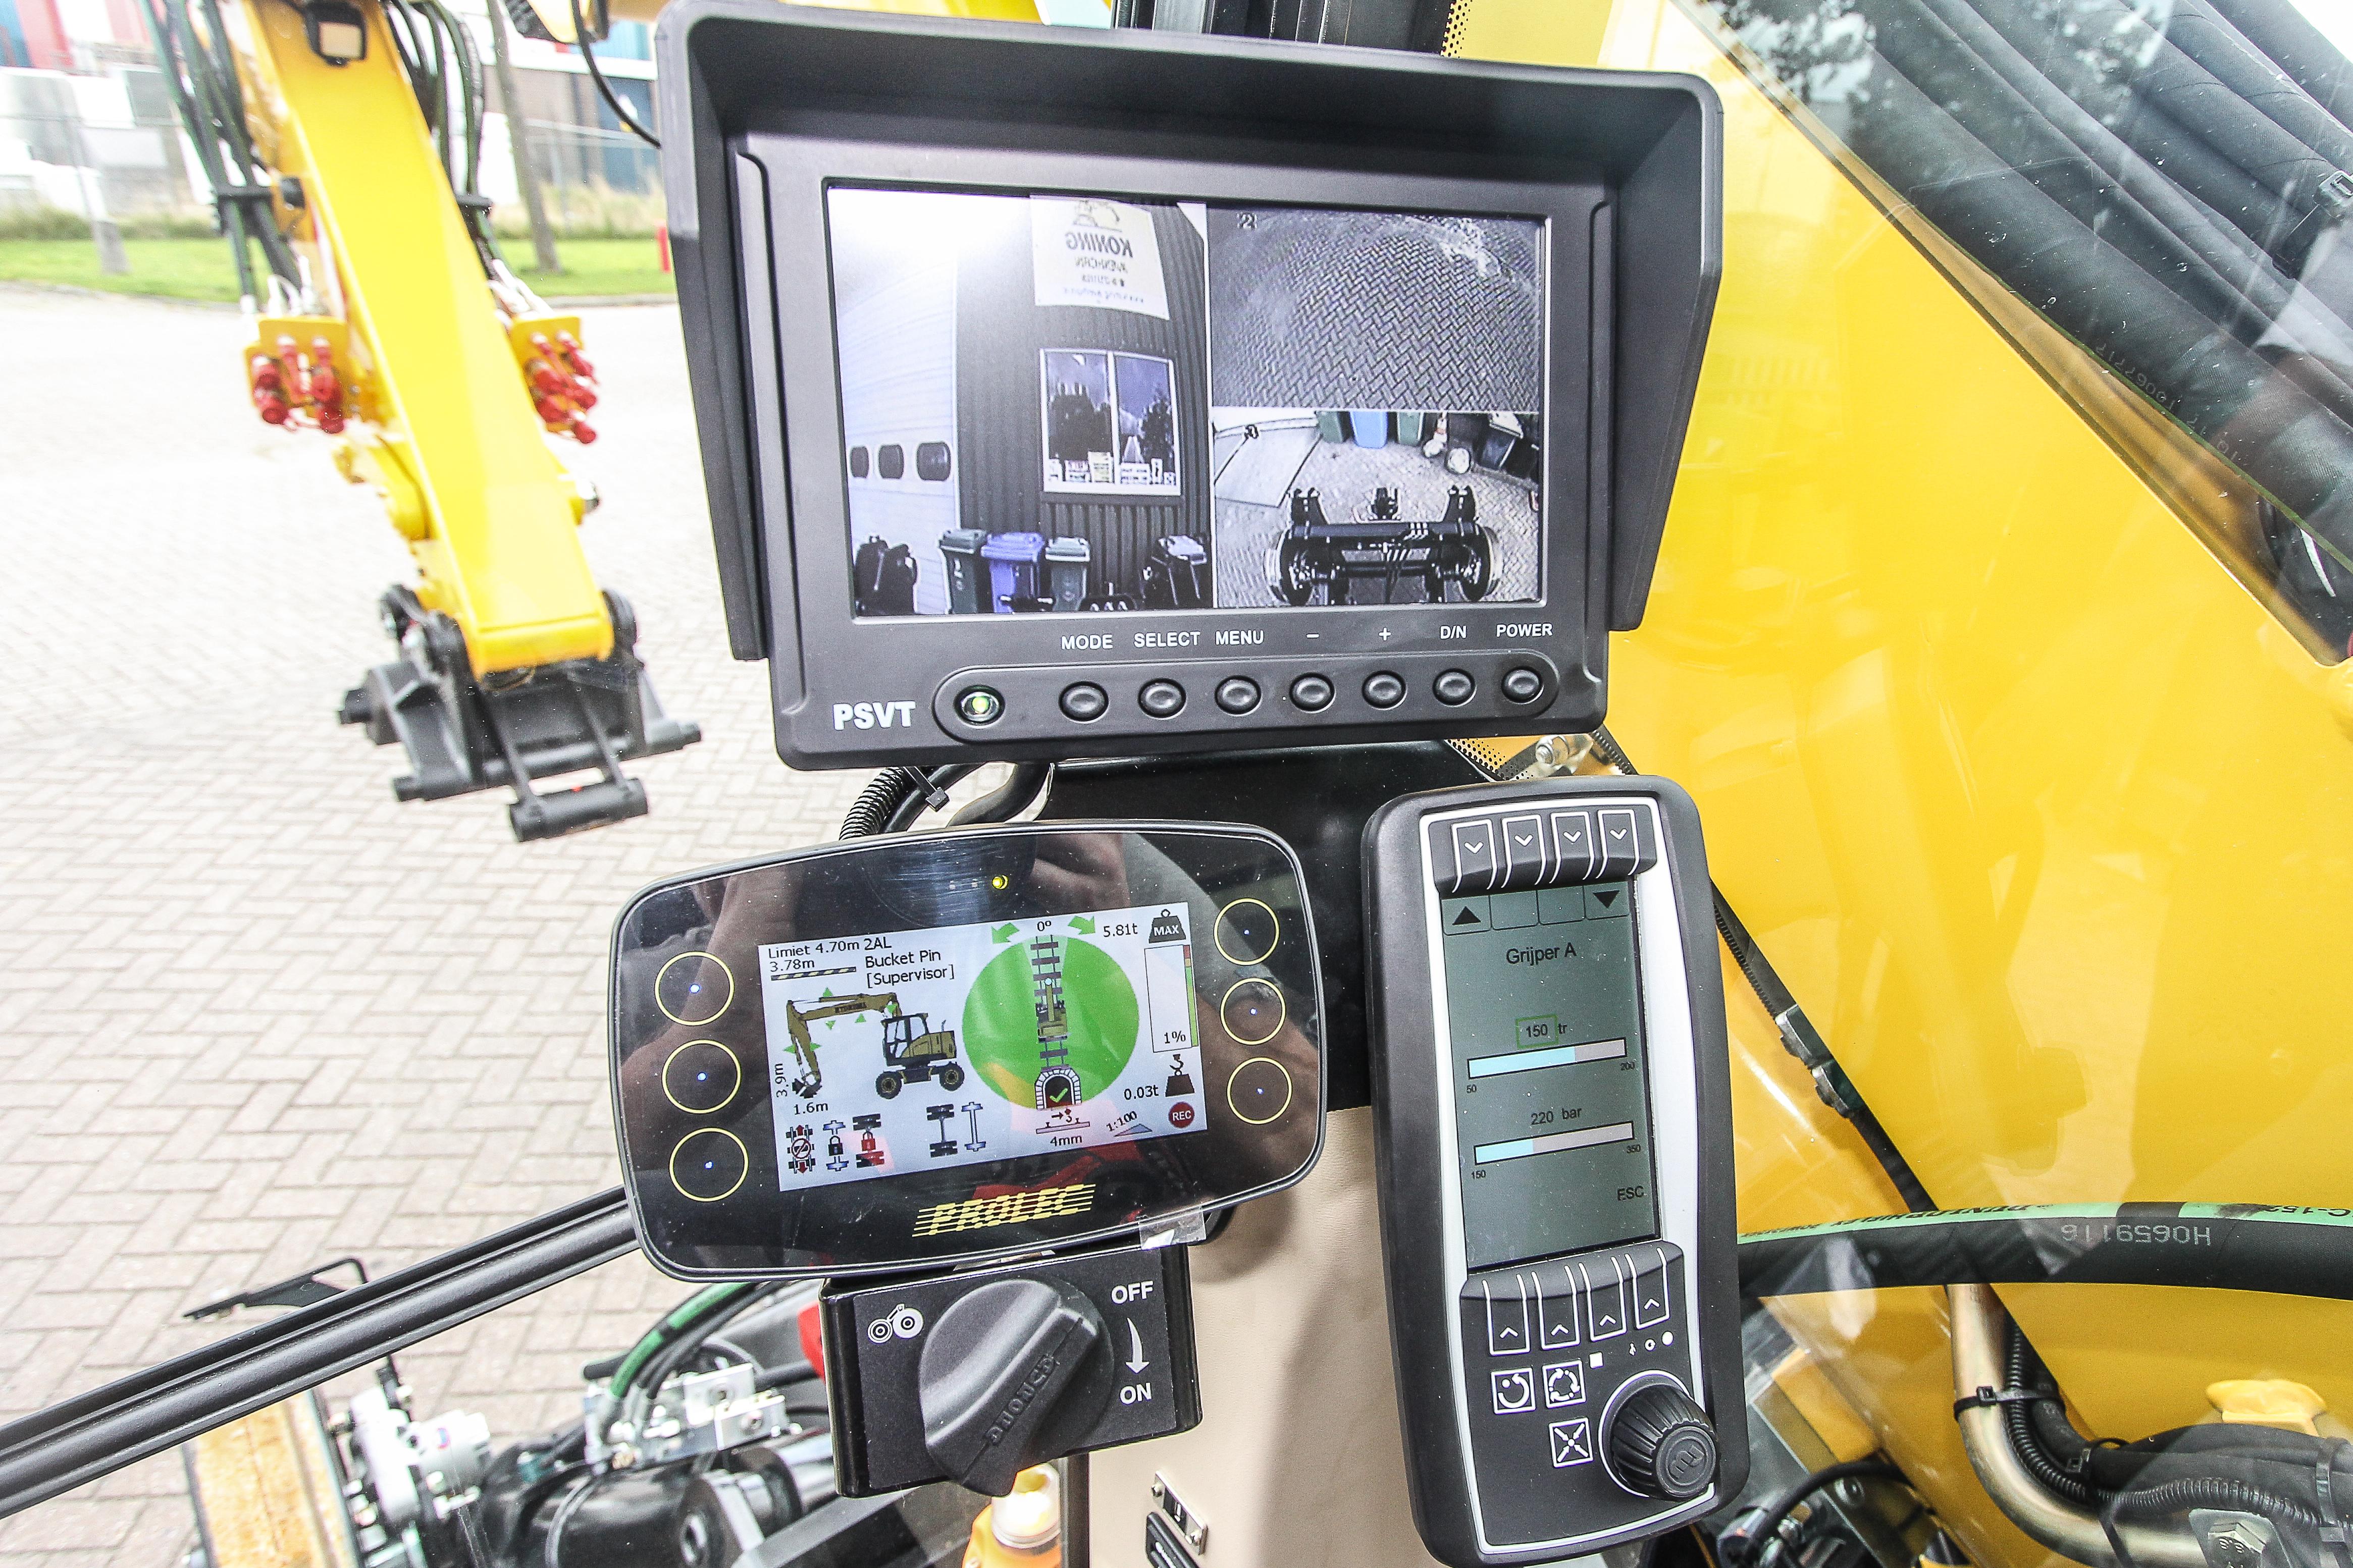 <p>Er zijn drie camera's, die op het grote schermtezien zijn. DeProlec-hoogte en zwenkbegrenzing en LMB zijn af fabriek geïntegreerd (links). Rechts de machine-terminal met heel veel mogelijkheden, waaronder het variabel verstellen van liters éndrukkenper aanbouwdeel. Tevens zijn machinegegevens tot op detailuitleesbaar.</p>